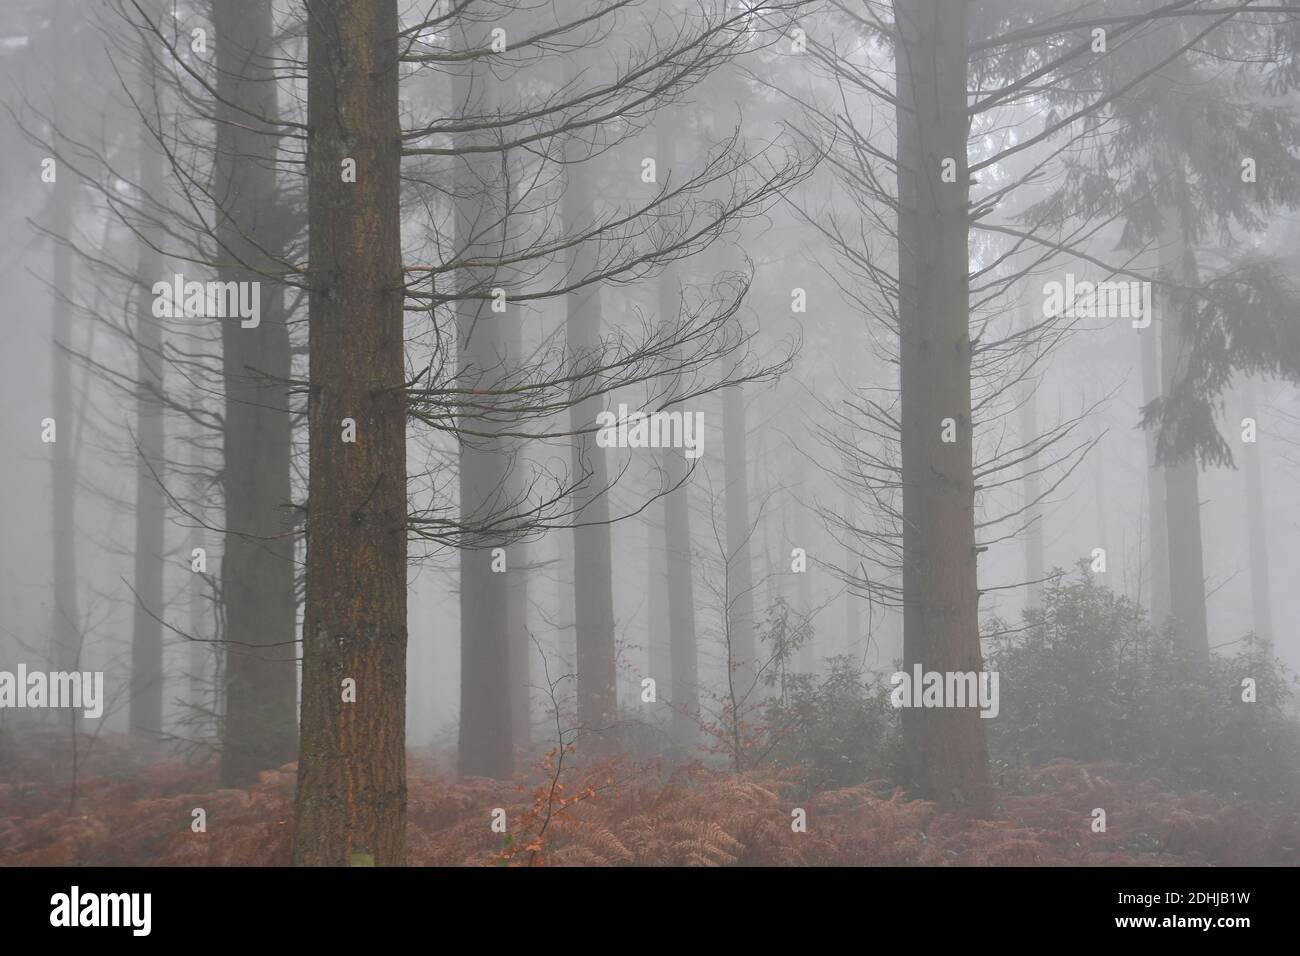 Stock immagini di nebbia in bosco - North Downs vicino West Horsley, Surrey.- Dick Focks comune - Commissione forestale. L'immagine mostra nebbia, alberi, nebbia in questa pittoresca area di Surrey. Foto scattata il 7 dicembre 2020 Foto Stock